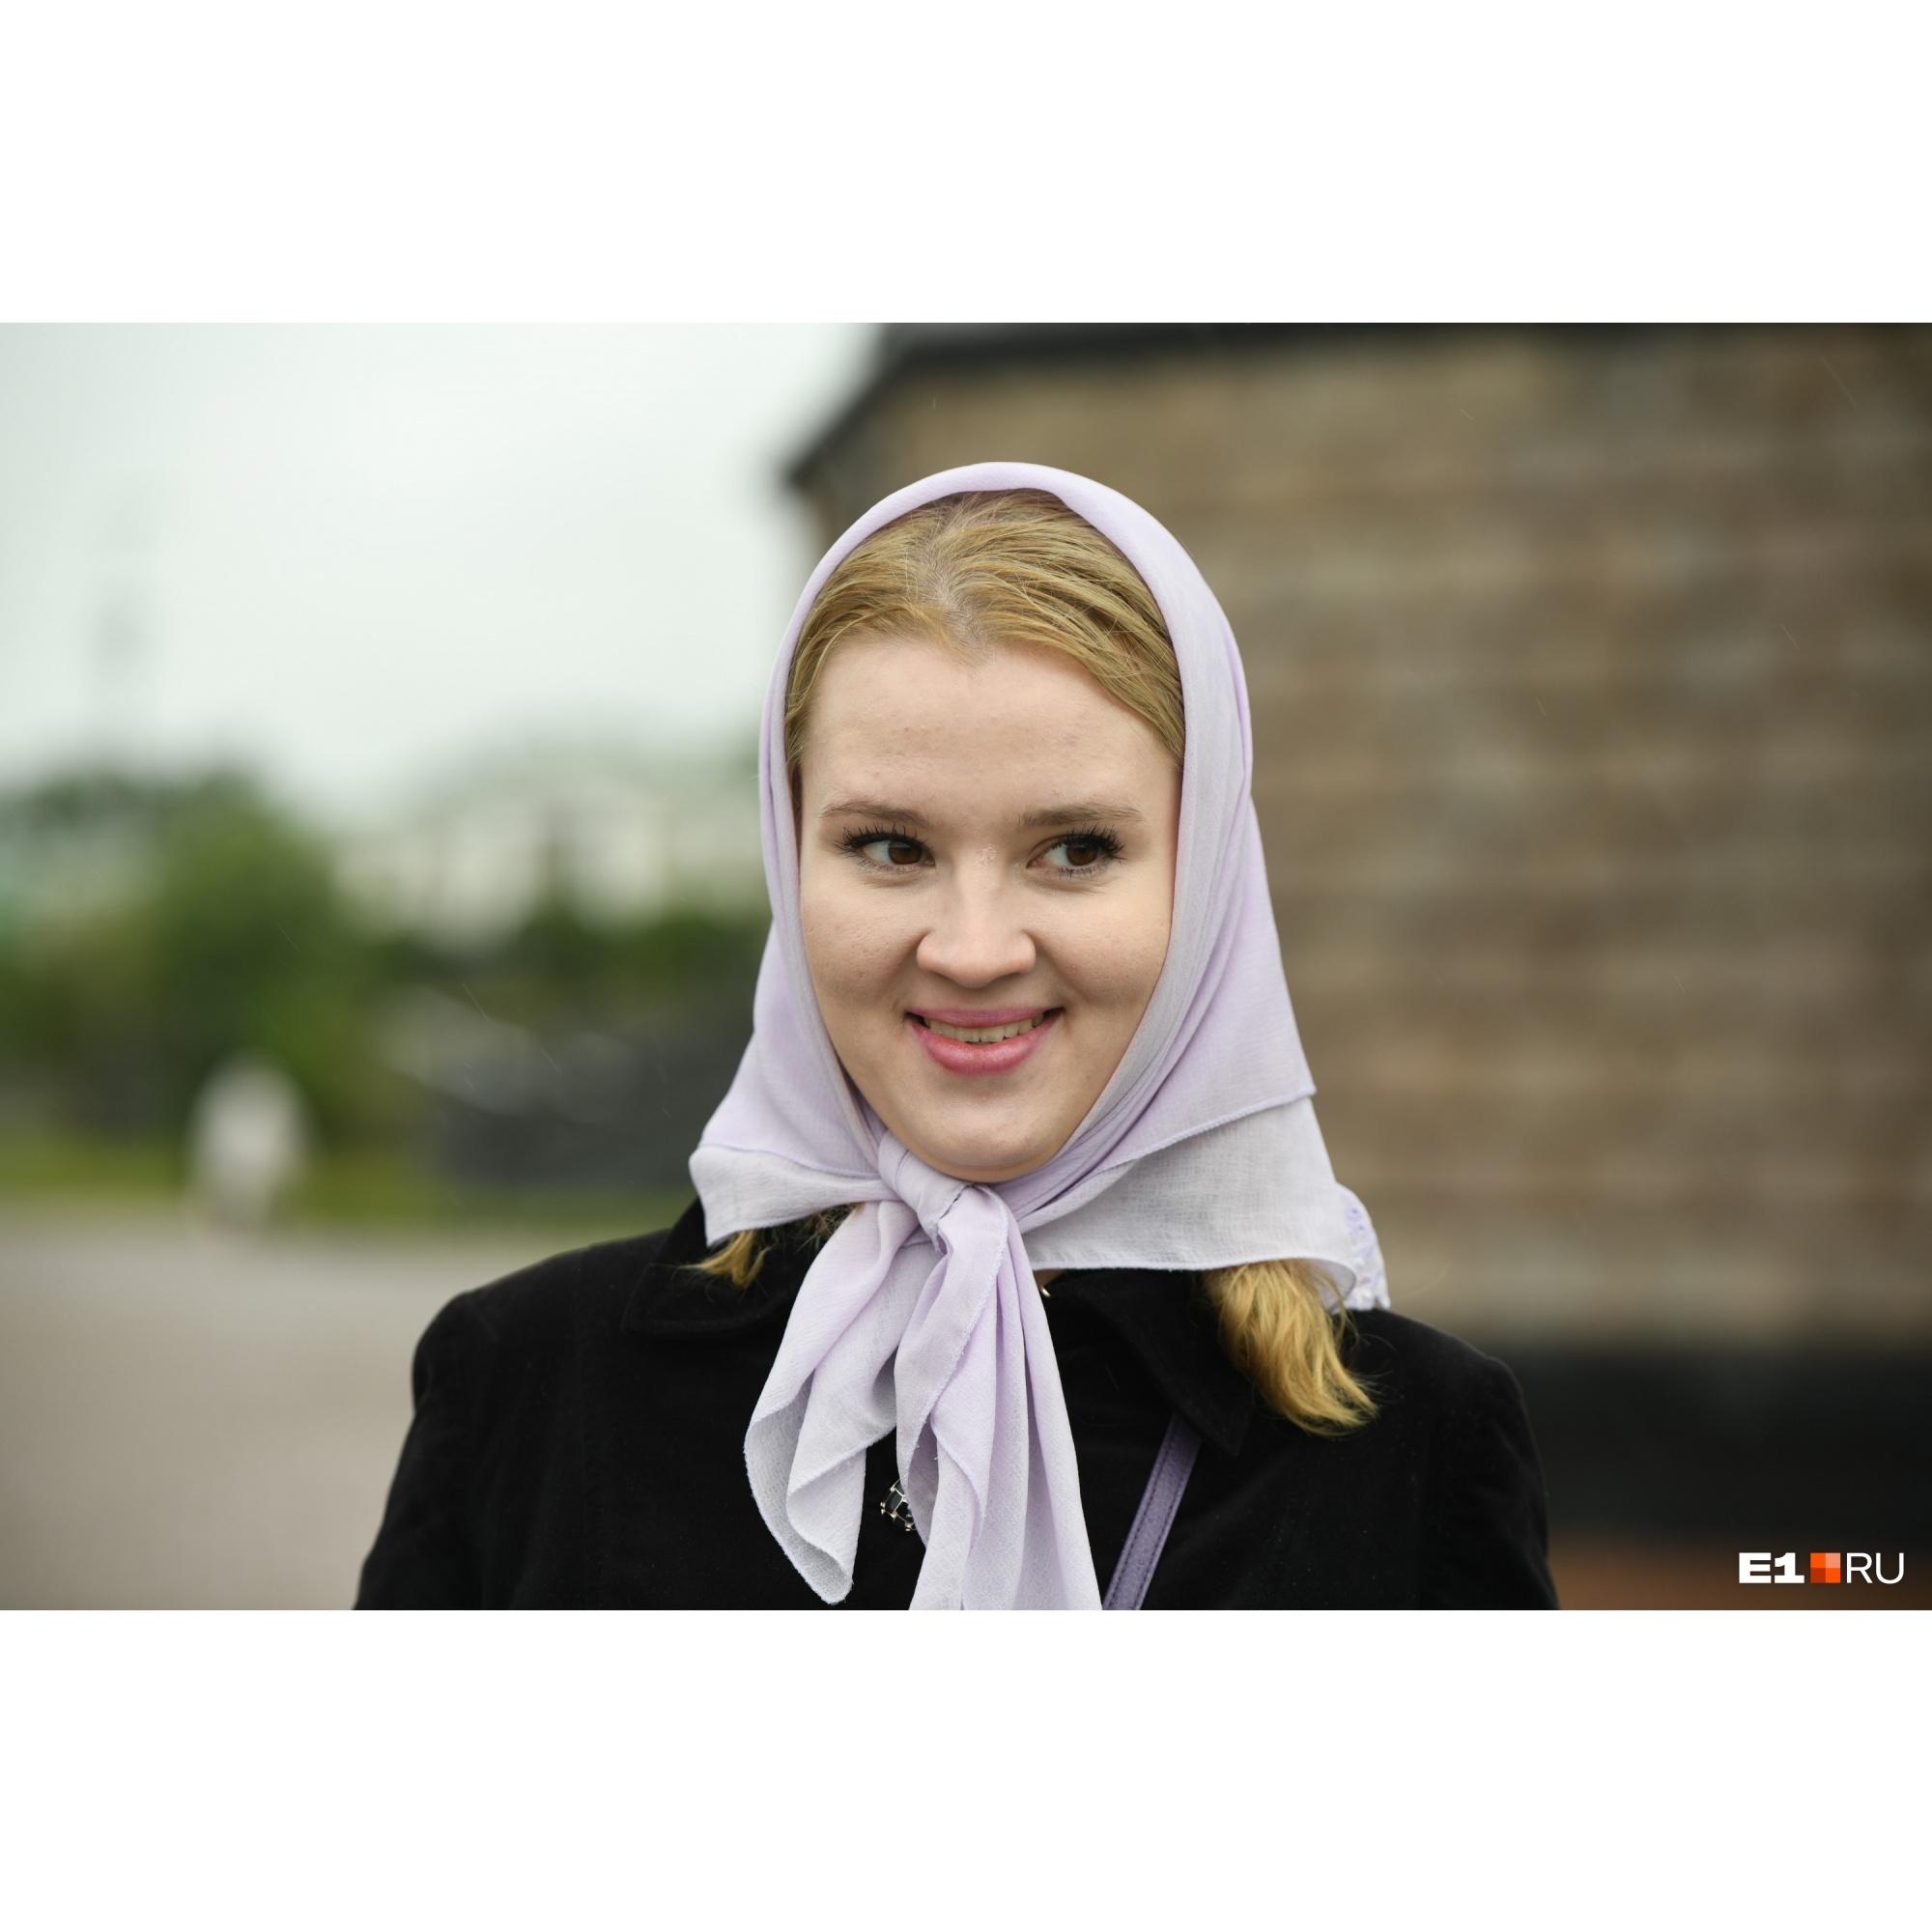 Бывшая воспитанница монастыря Христина рассказала, что ее наказали ремнем из-за того, что она надела топик в больнице